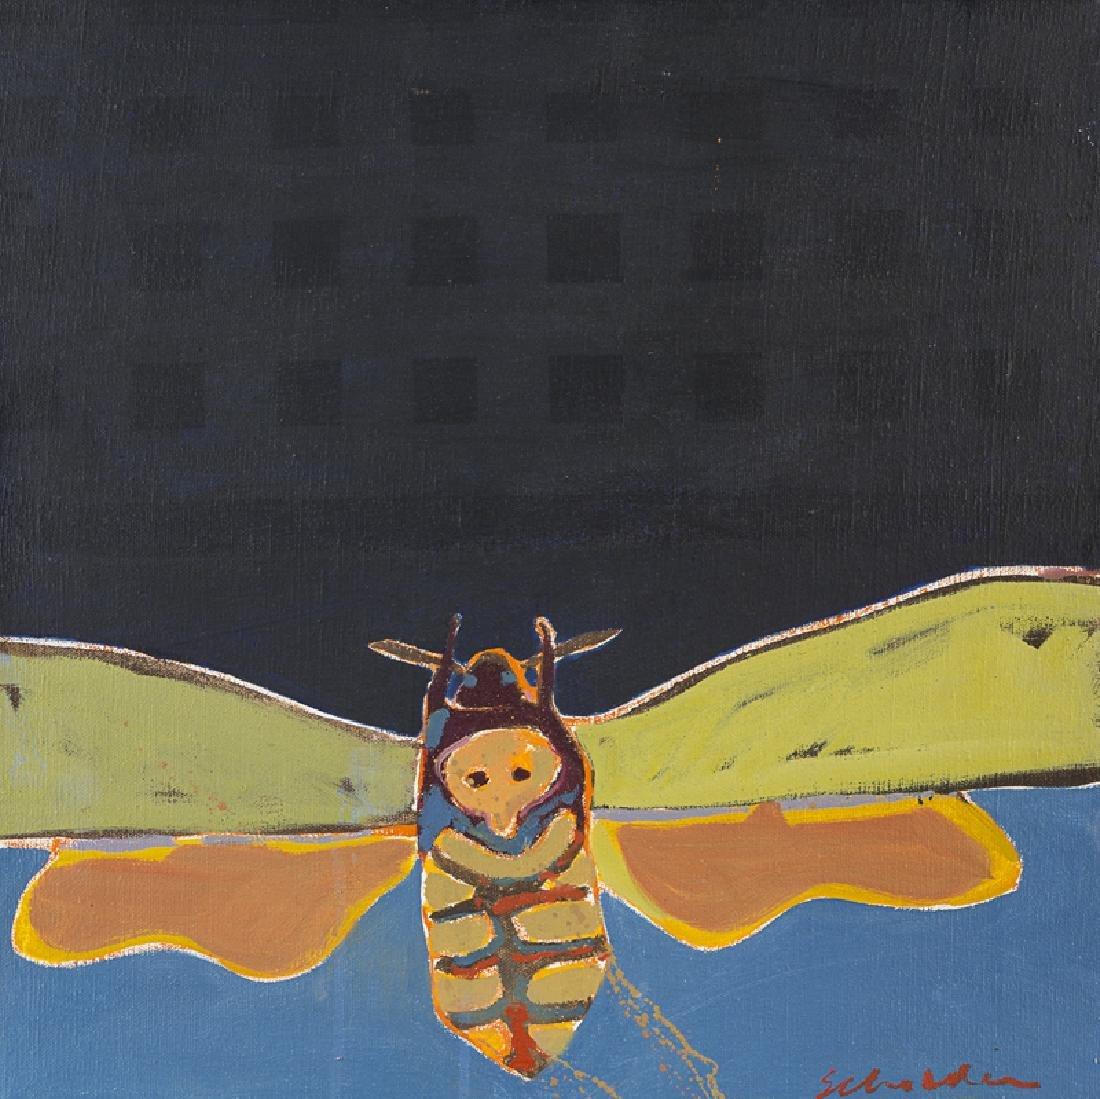 Fritz Scholder (1937 - 2005 Scottsdale, AZ)